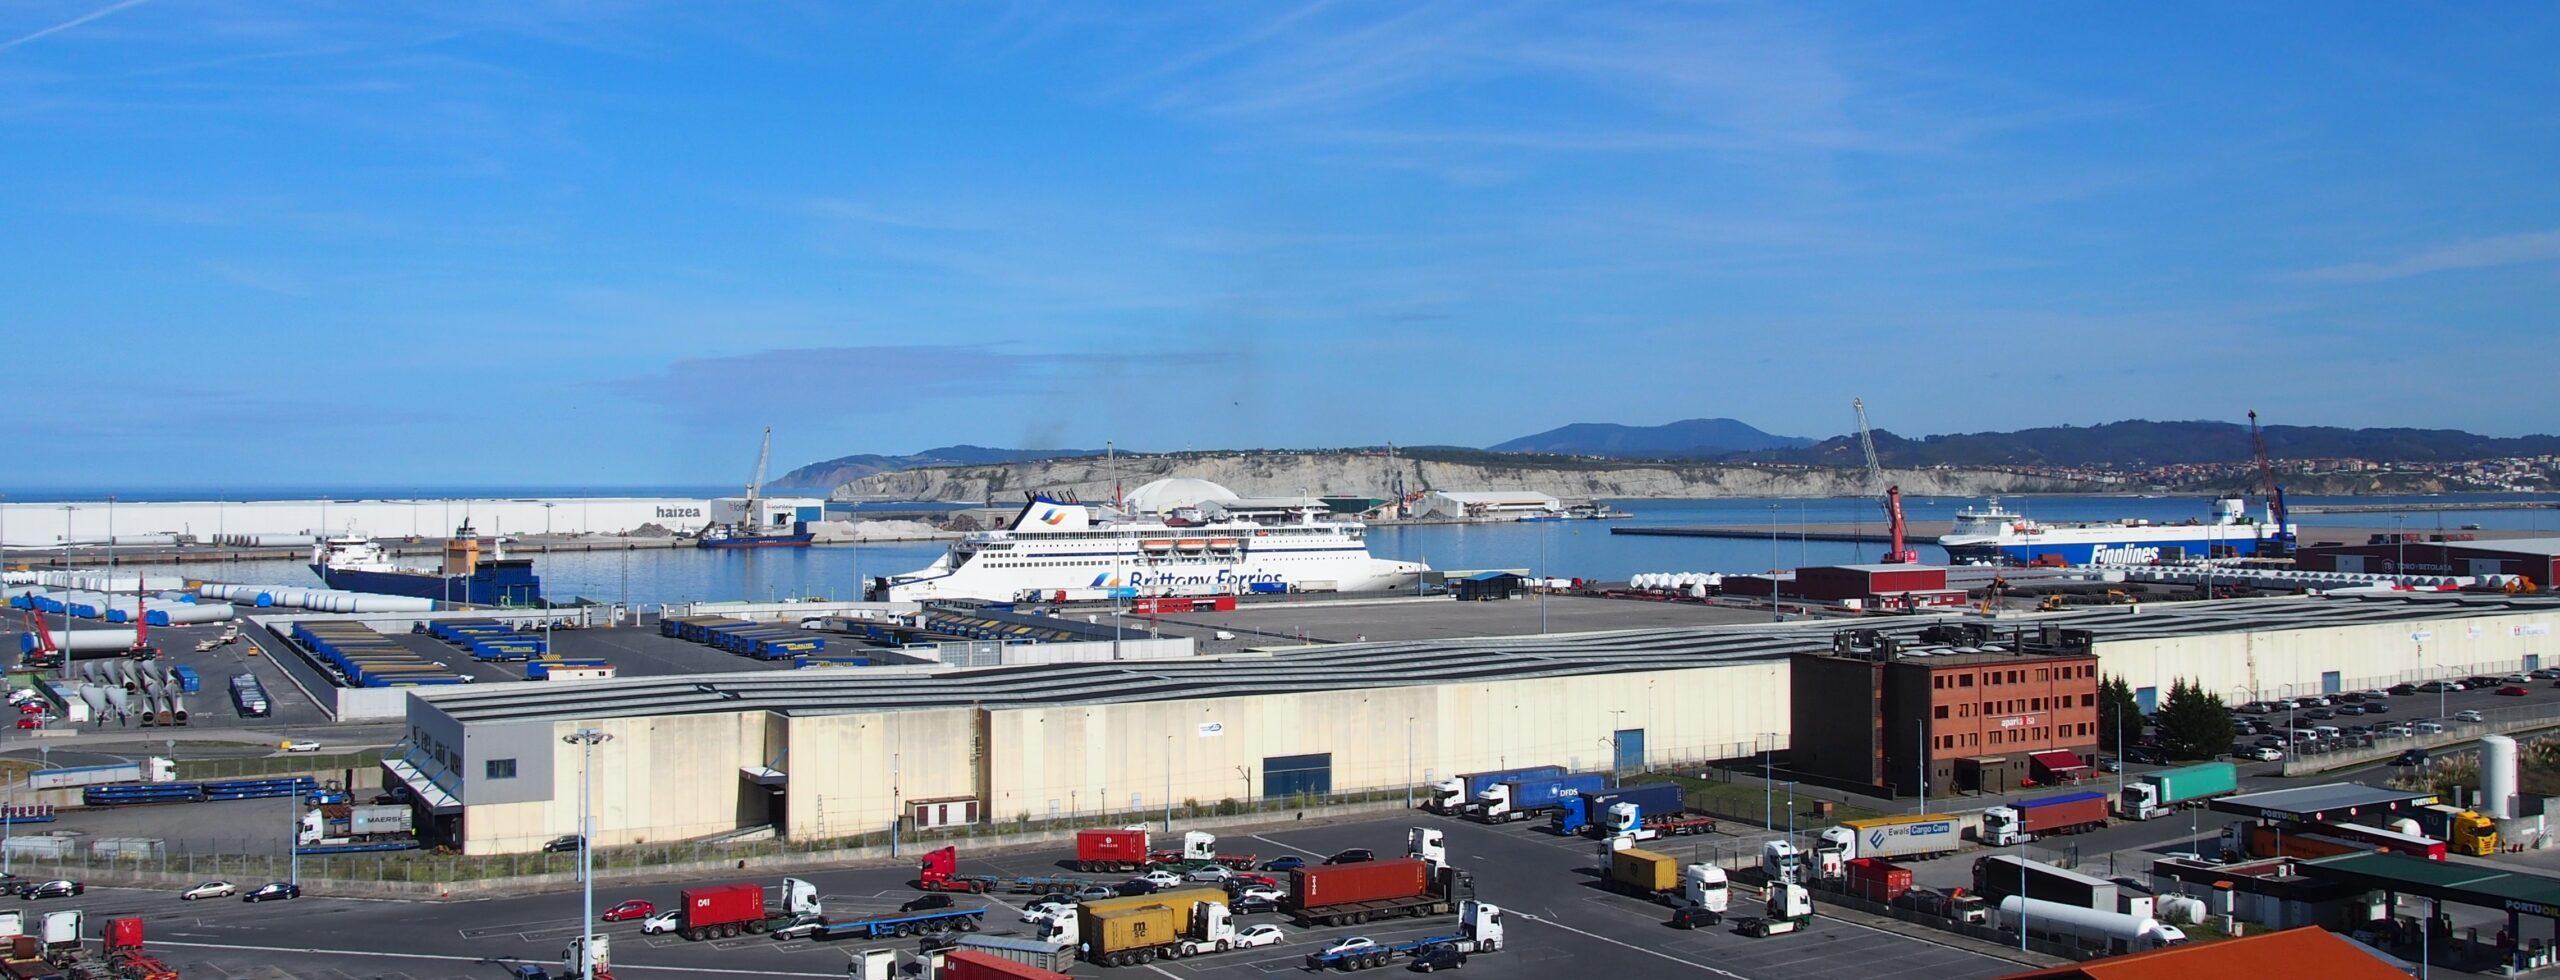 La comunidad portuaria de Bilbao dará a conocer su experiencia sobre el Brexit